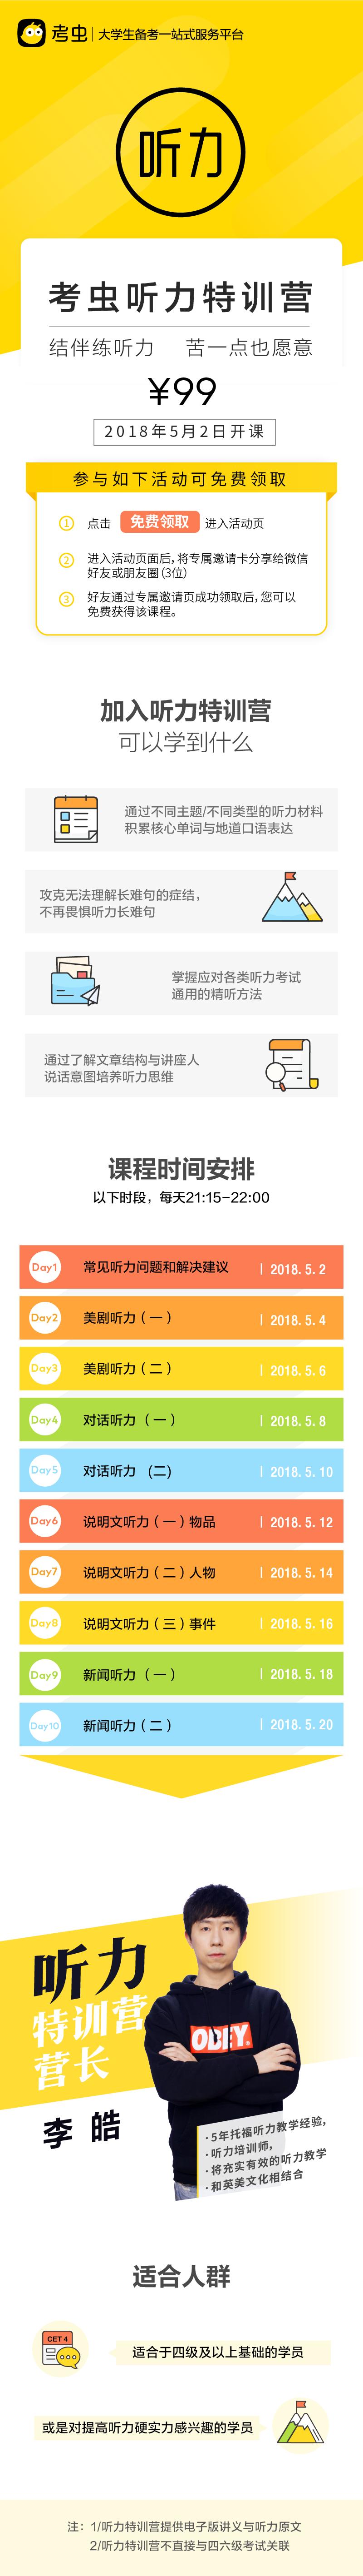 听力训练营_详情图.png